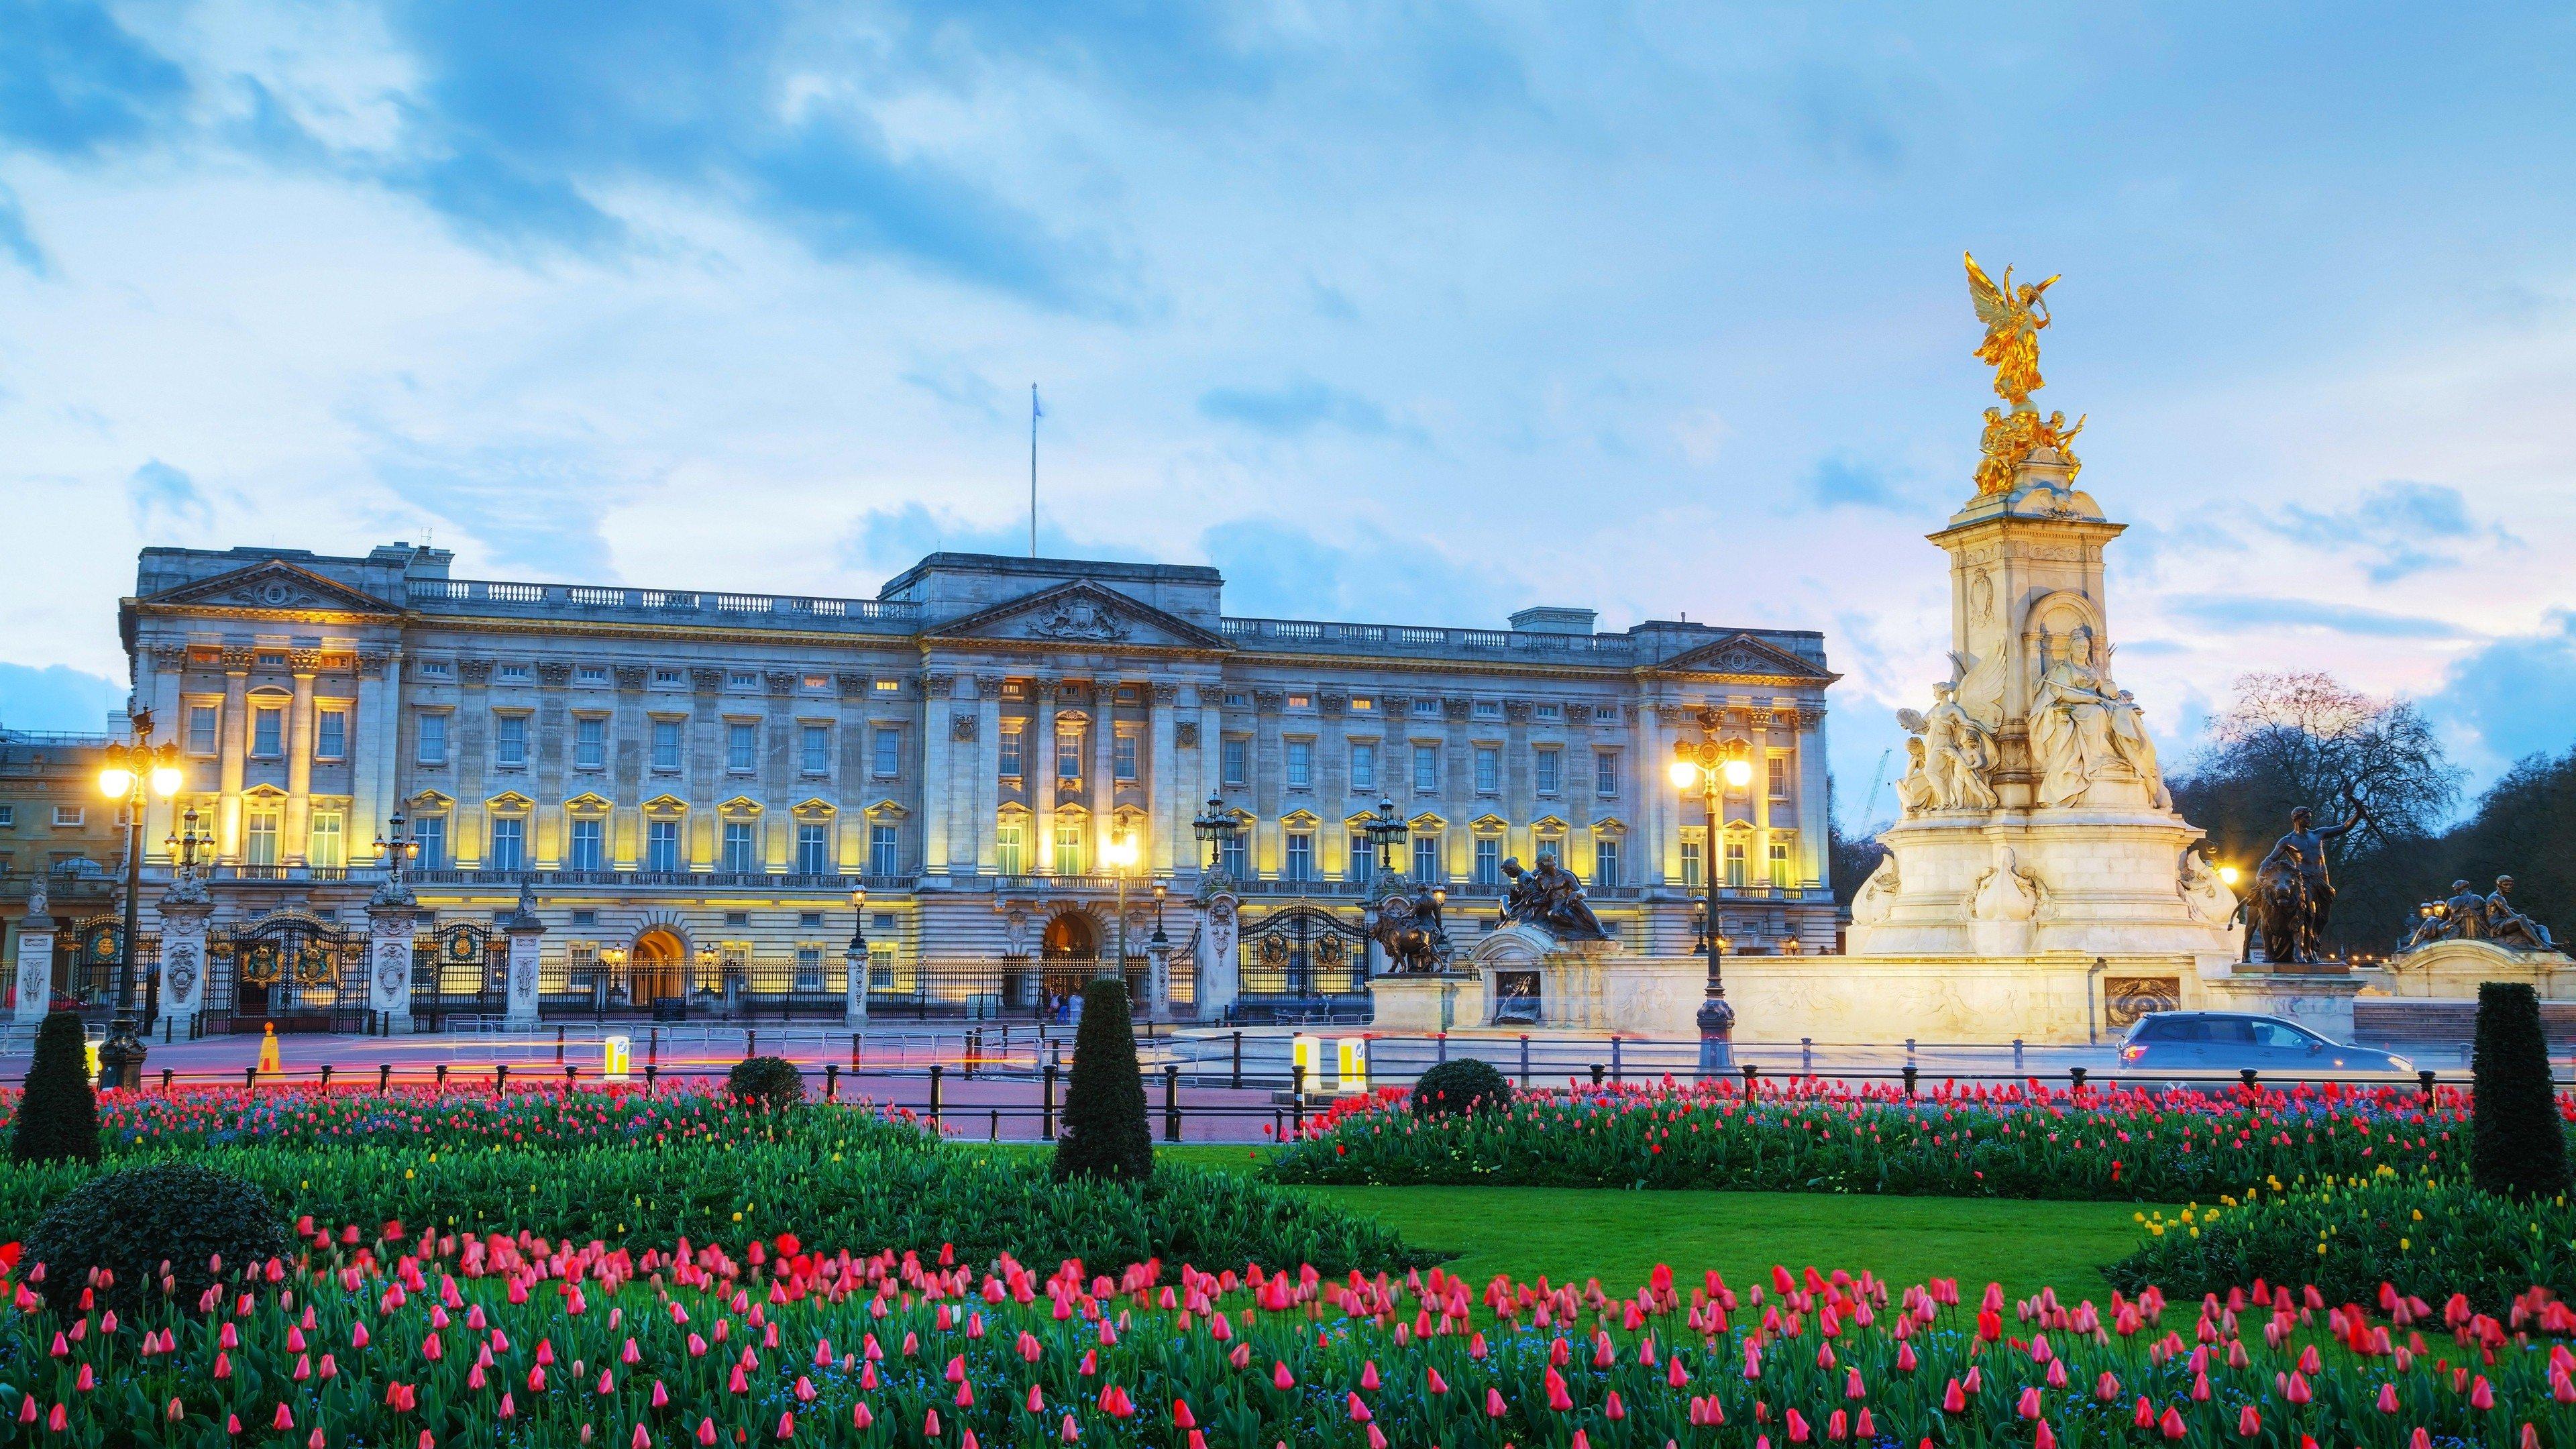 Fondos de pantalla El palacio de Buckingham